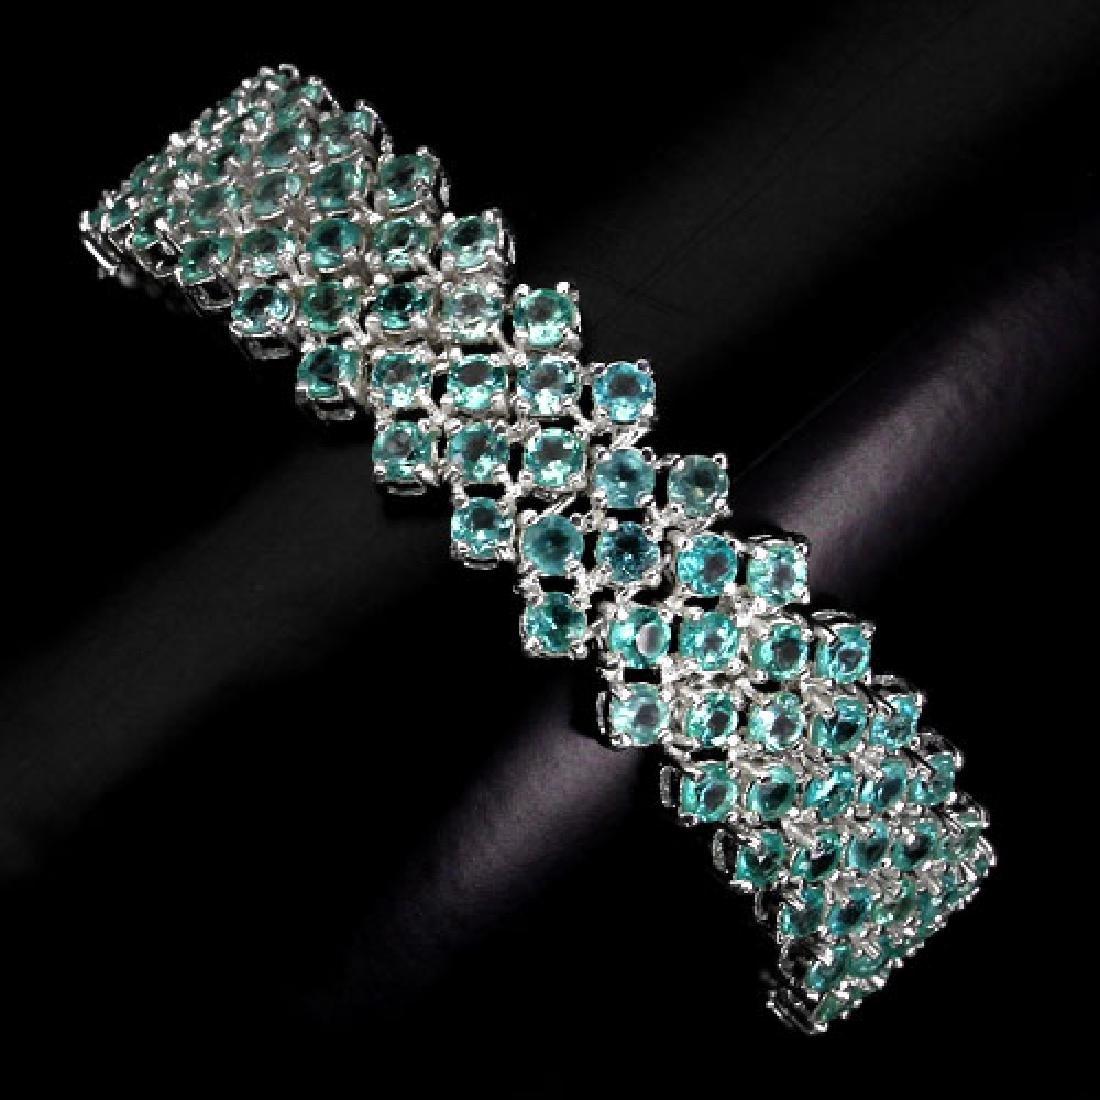 Natural Neon Blue Apatite 150 Carats Bracelet